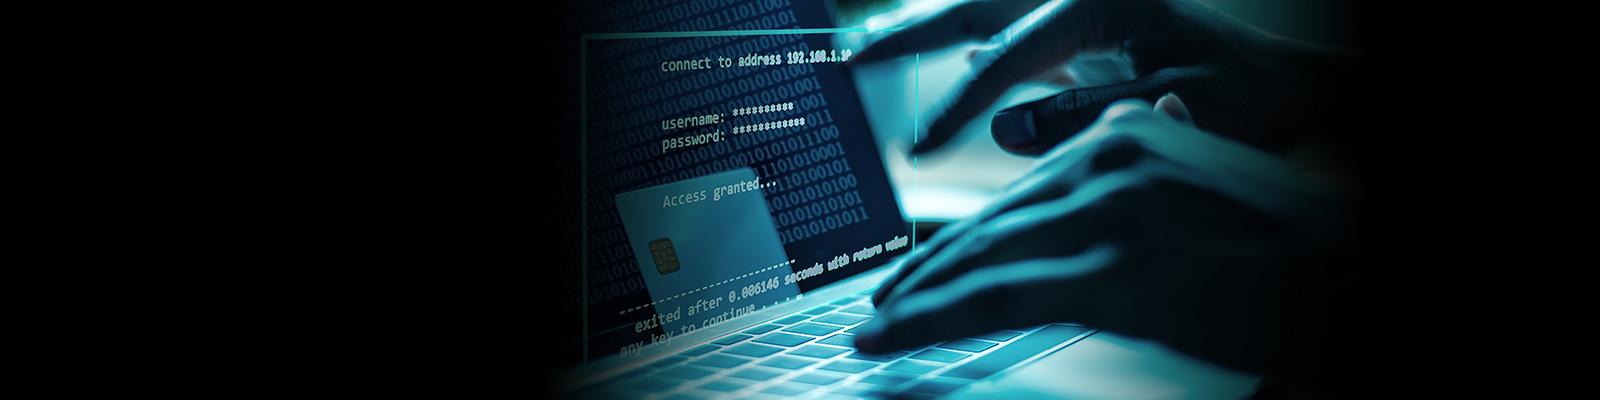 決済 オンライン 犯罪 イメージ